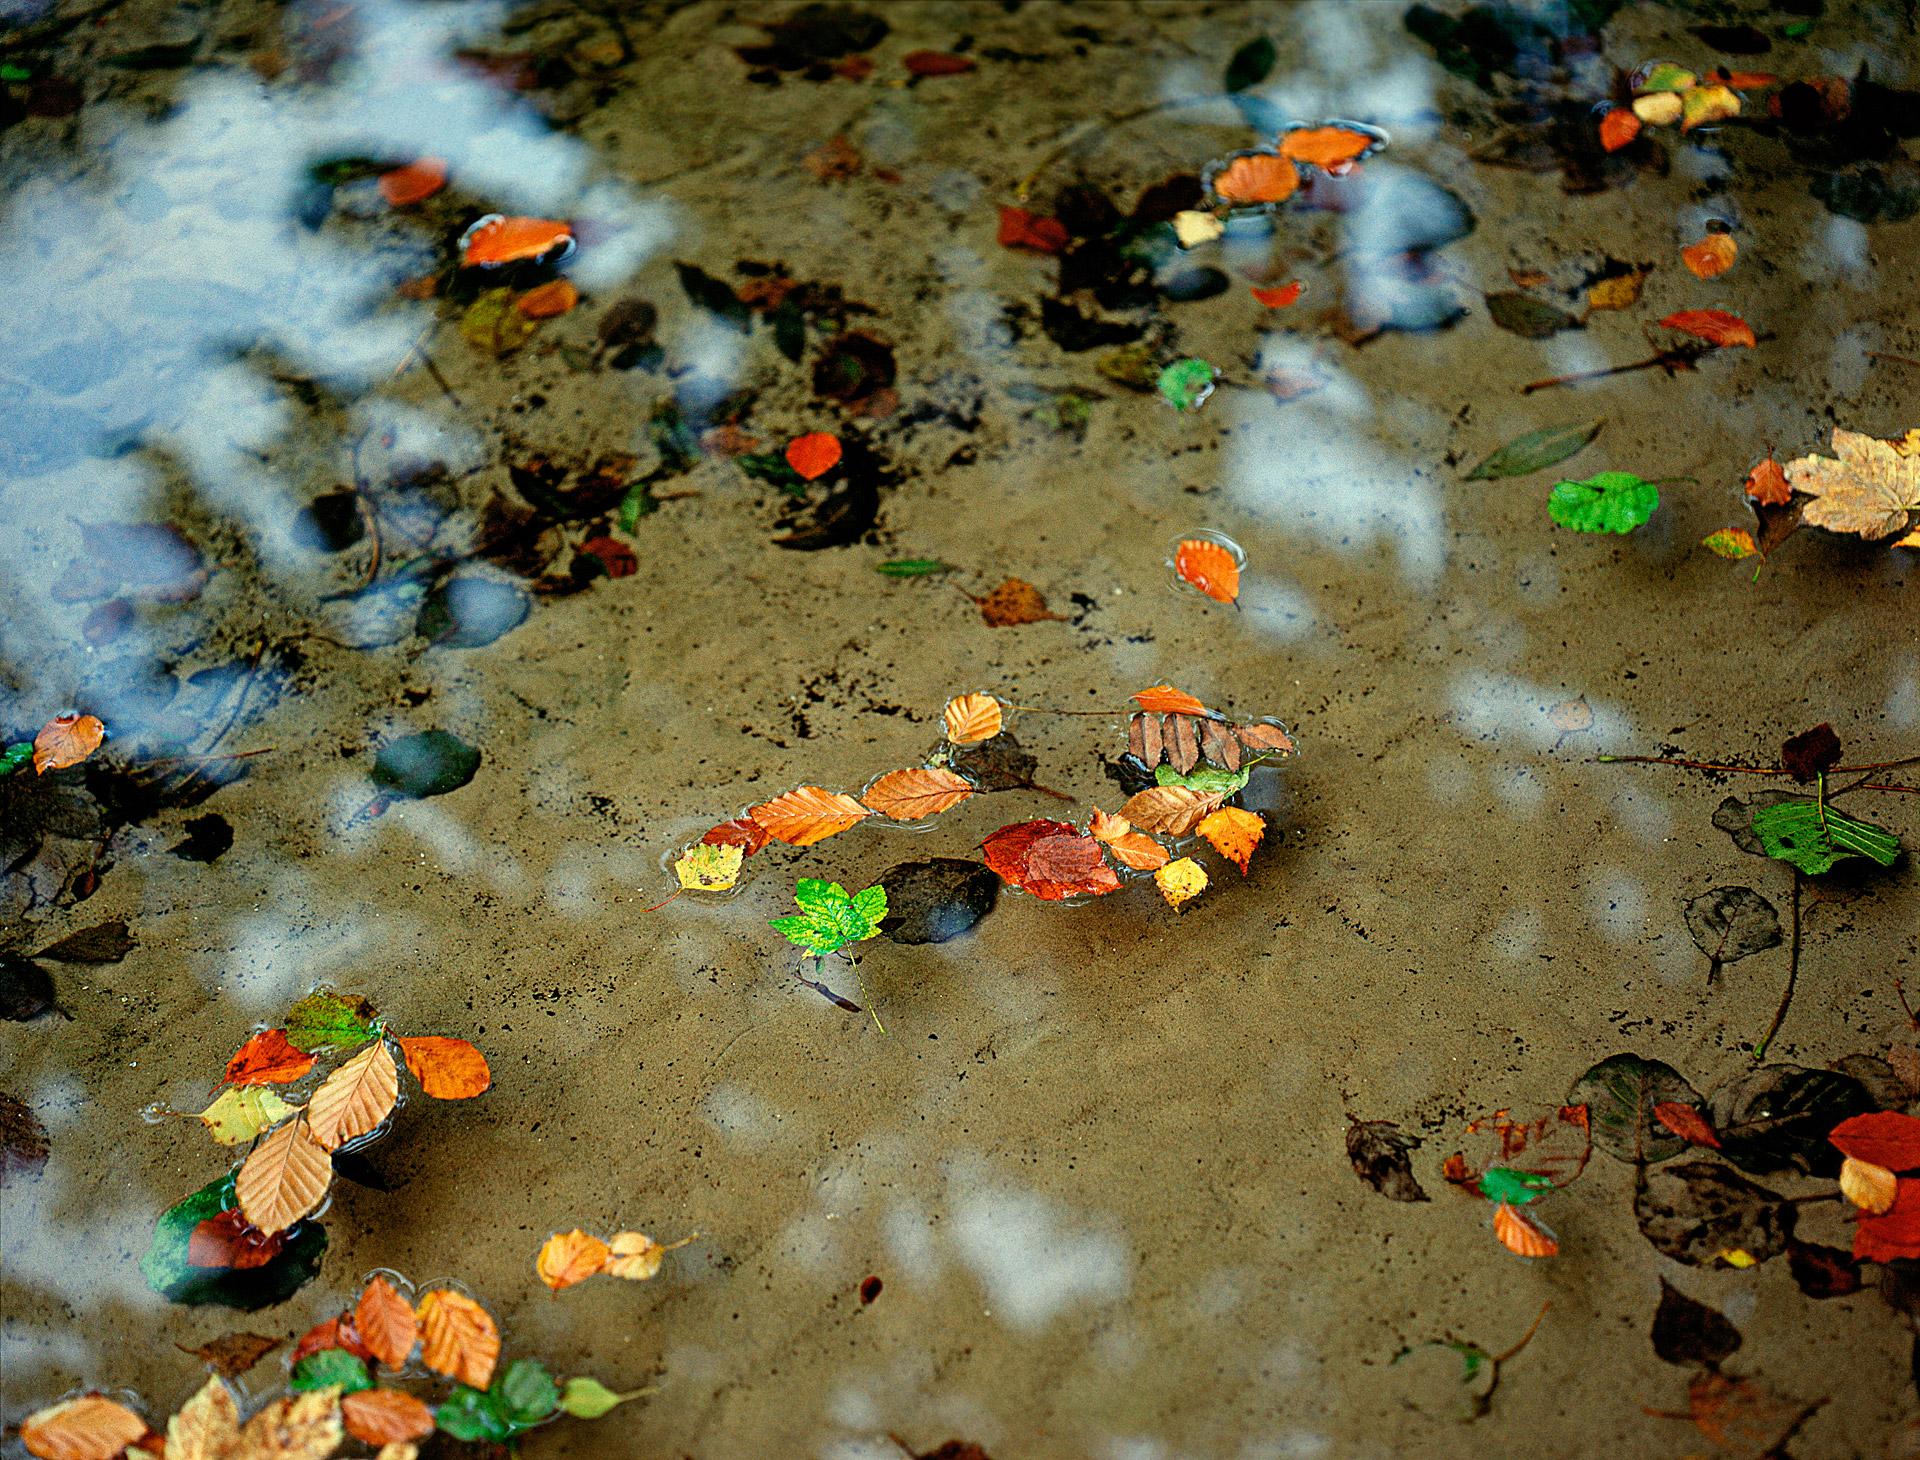 Leaves float autumn colors at Mølleåen